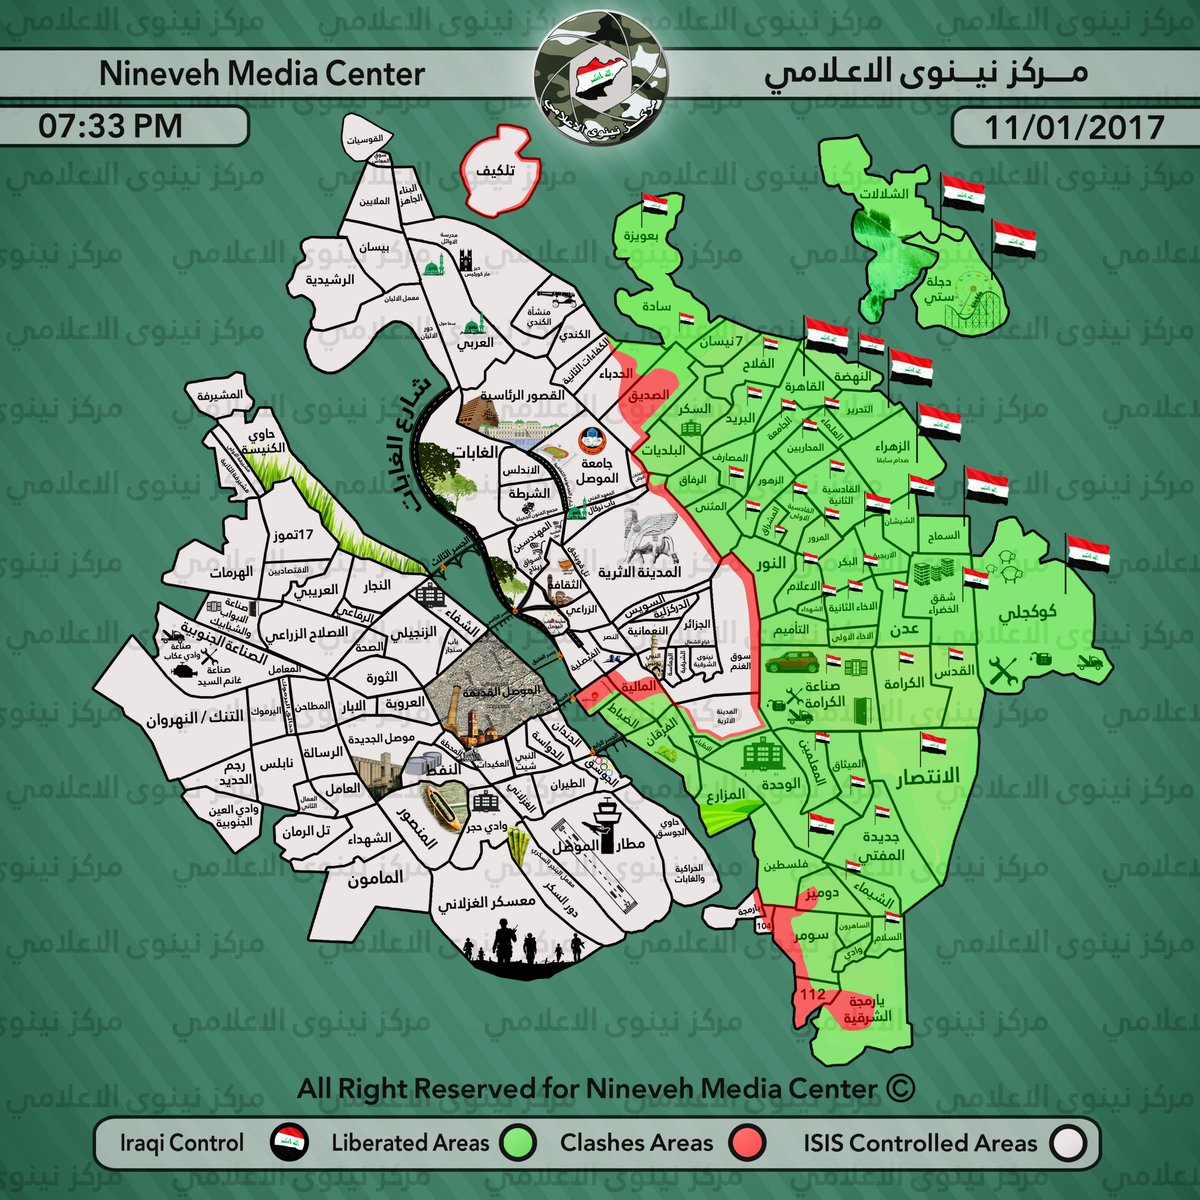 #MosulOps #Mosul : les forces armée sirakiennes #ISF #PMU libérent plusieurs districts centraux de #Mossoul ce 11/1 le long du Tigre #Irak <br>http://pic.twitter.com/yRtpo8KKTR